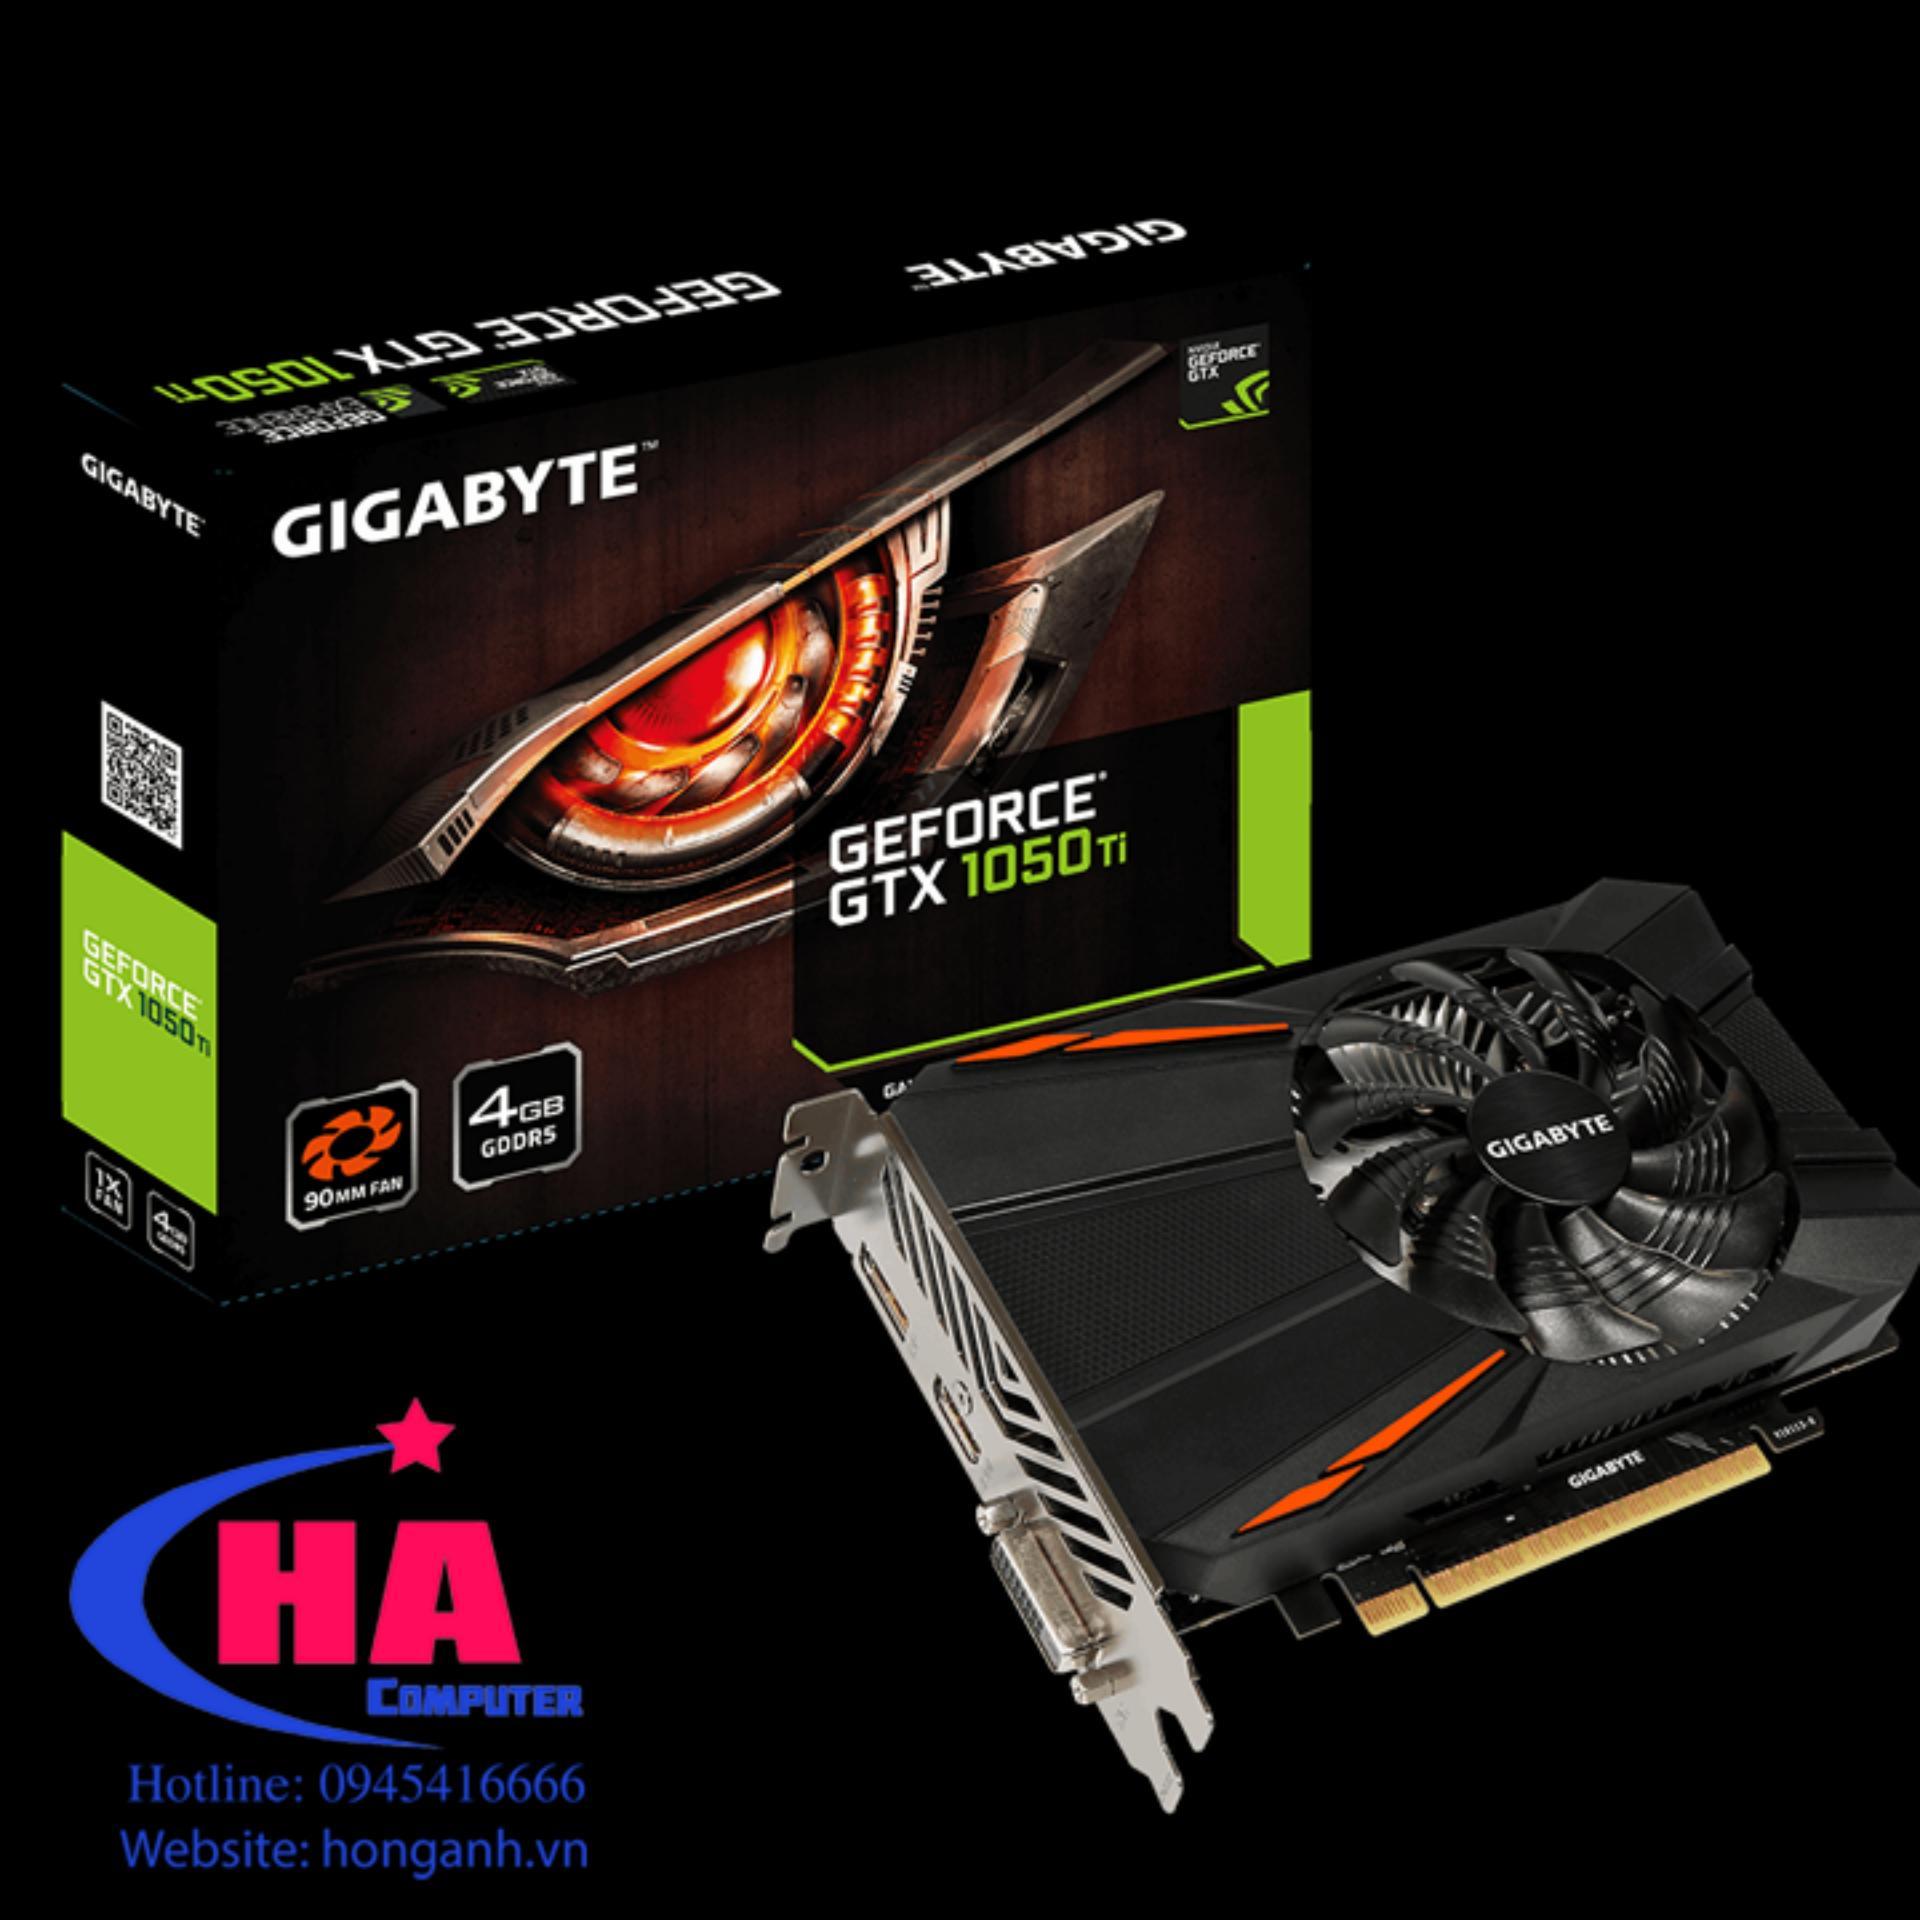 VGA Giga GTX 1050 Ti 4Gb 1 fan 2nd